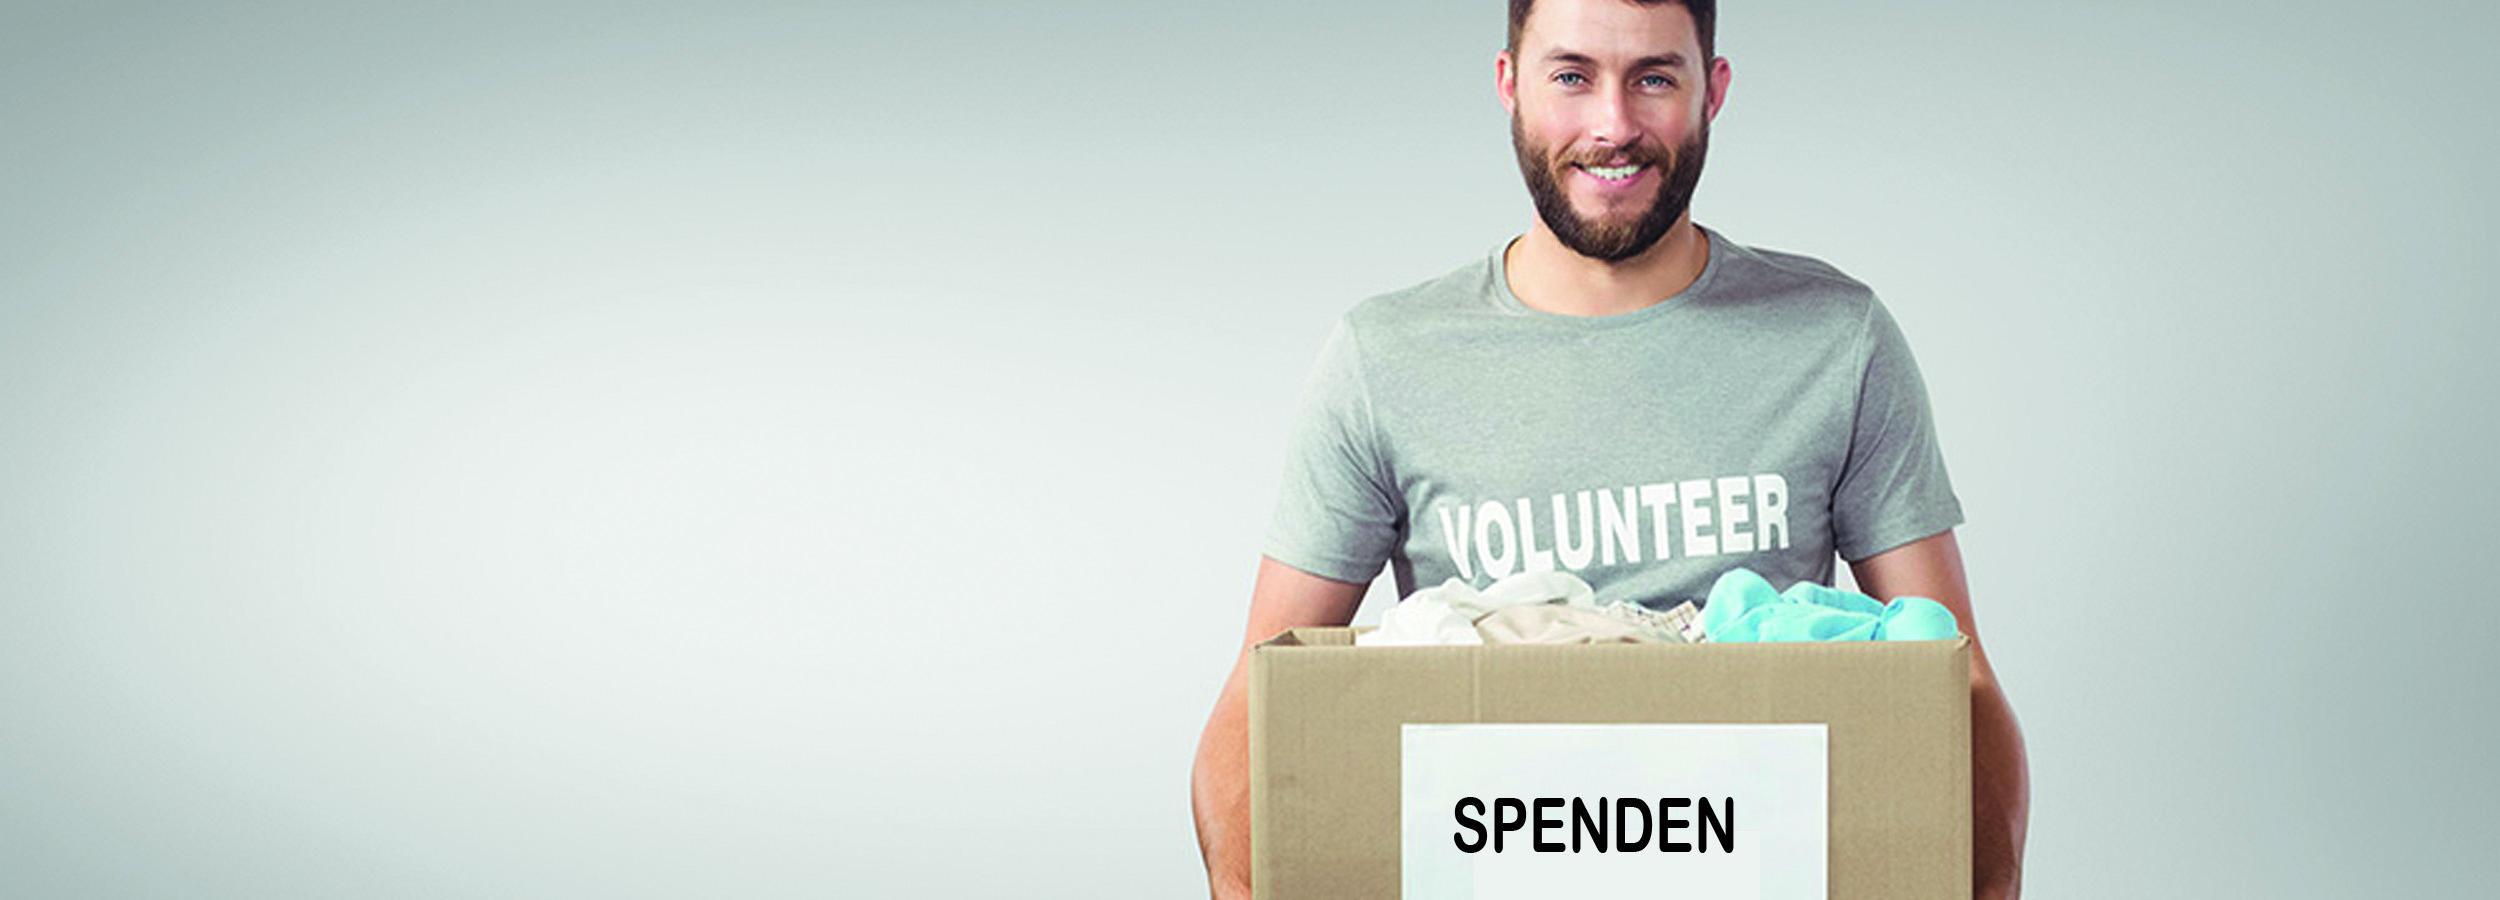 Mann mit einer Spendenbox